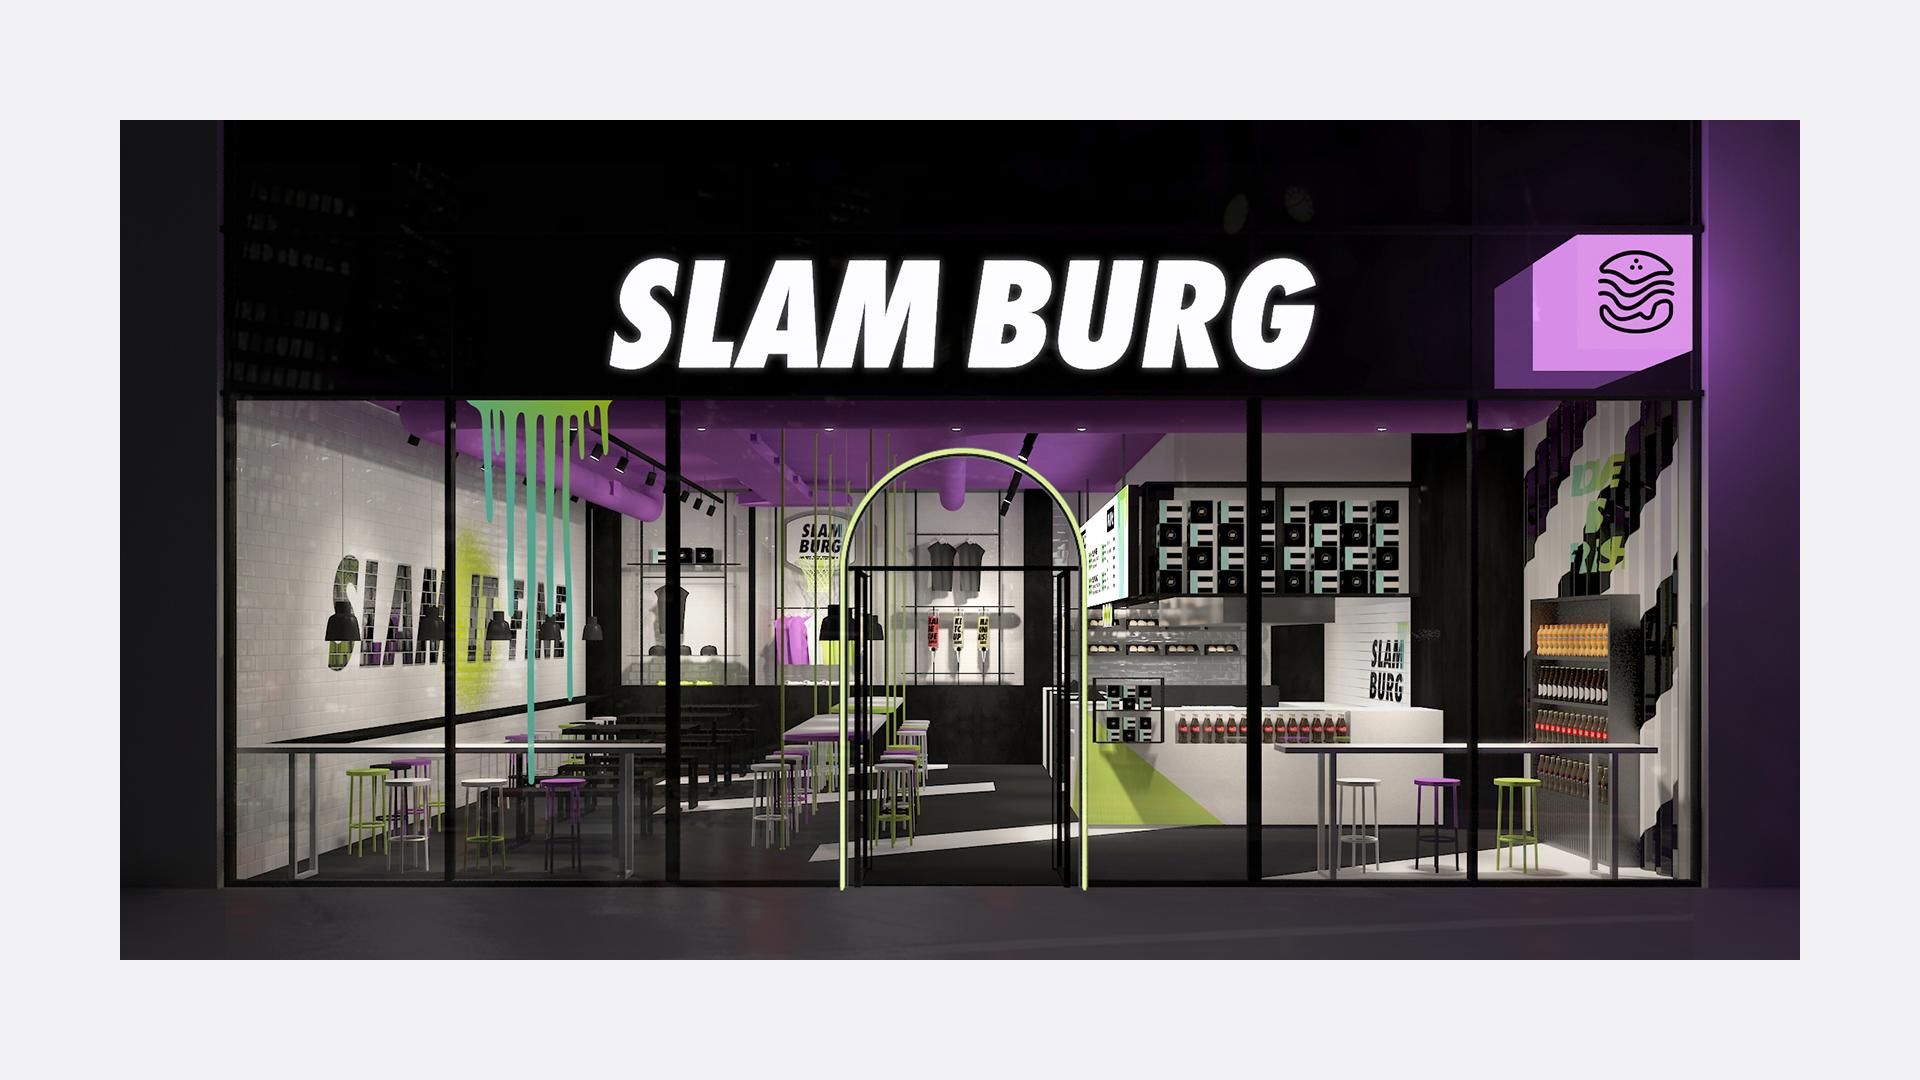 Slam Burg